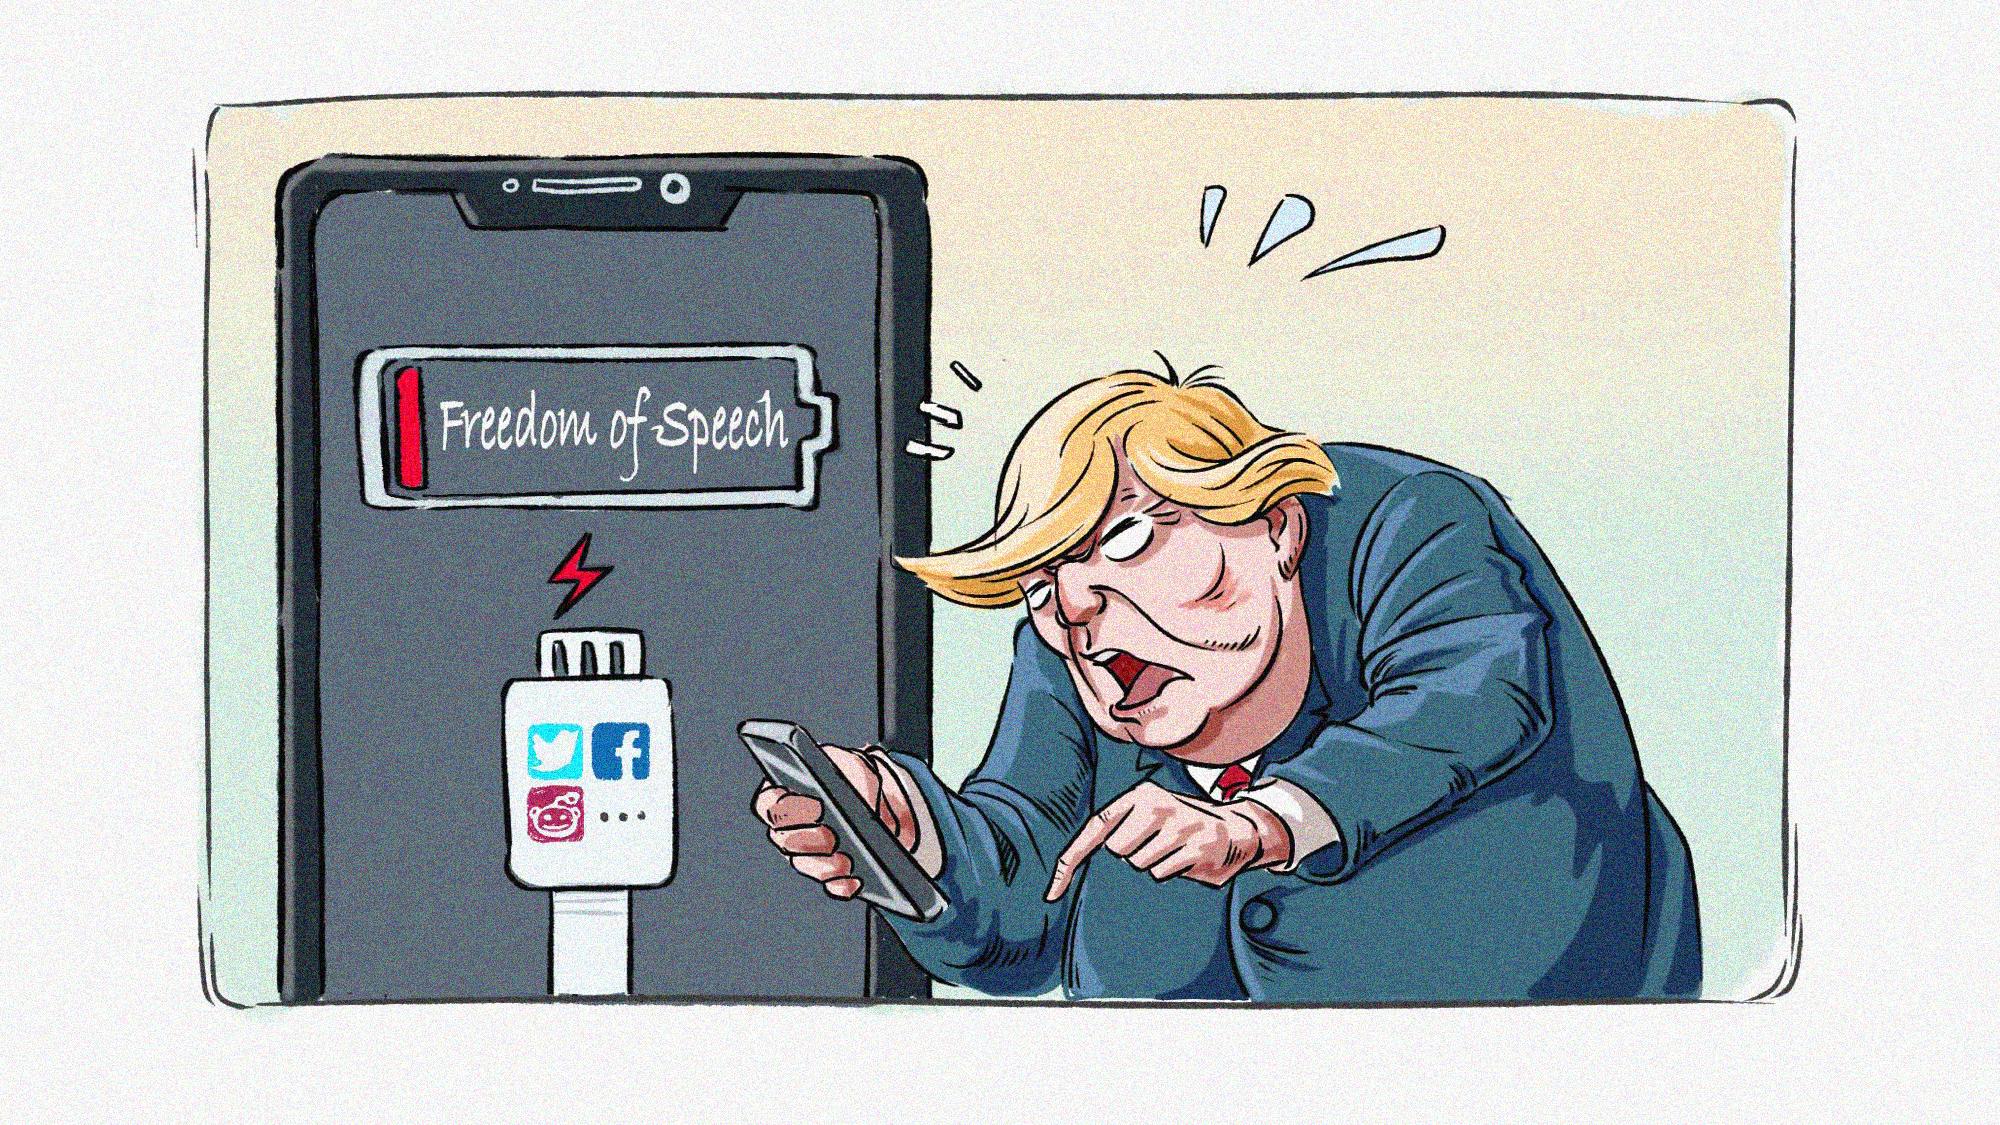 Political cartoons - the 'funny' pics thread.-d4cf1eb0767c41c99ee6554d39368623-jpeg